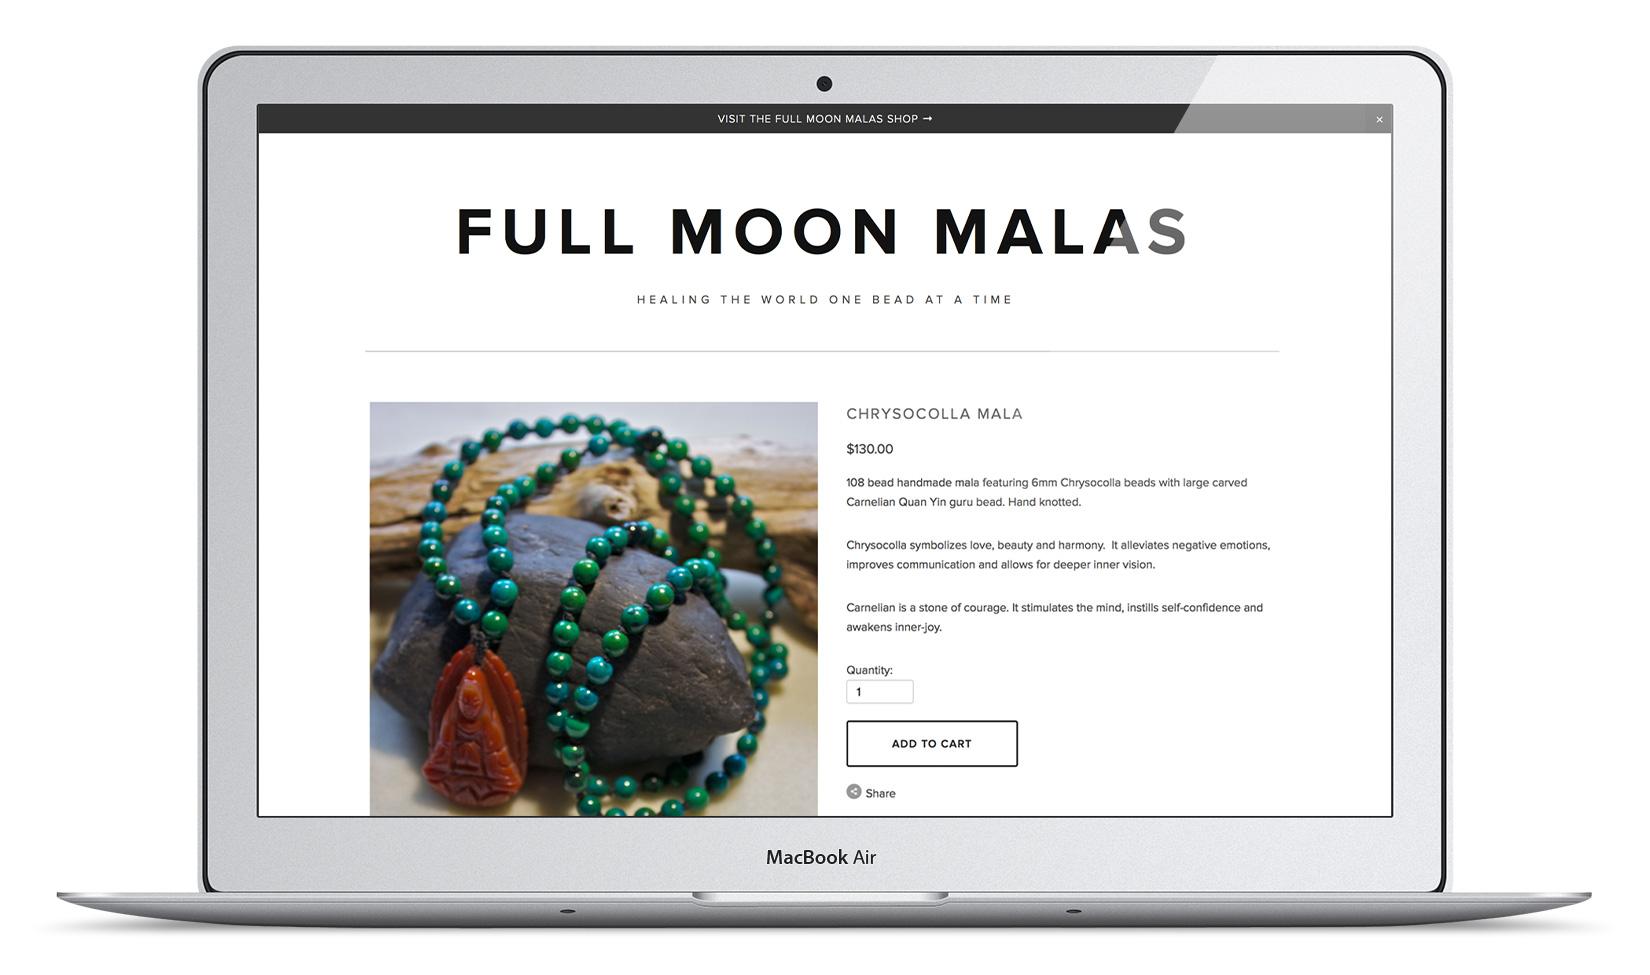 full-moon-malas-6.jpg